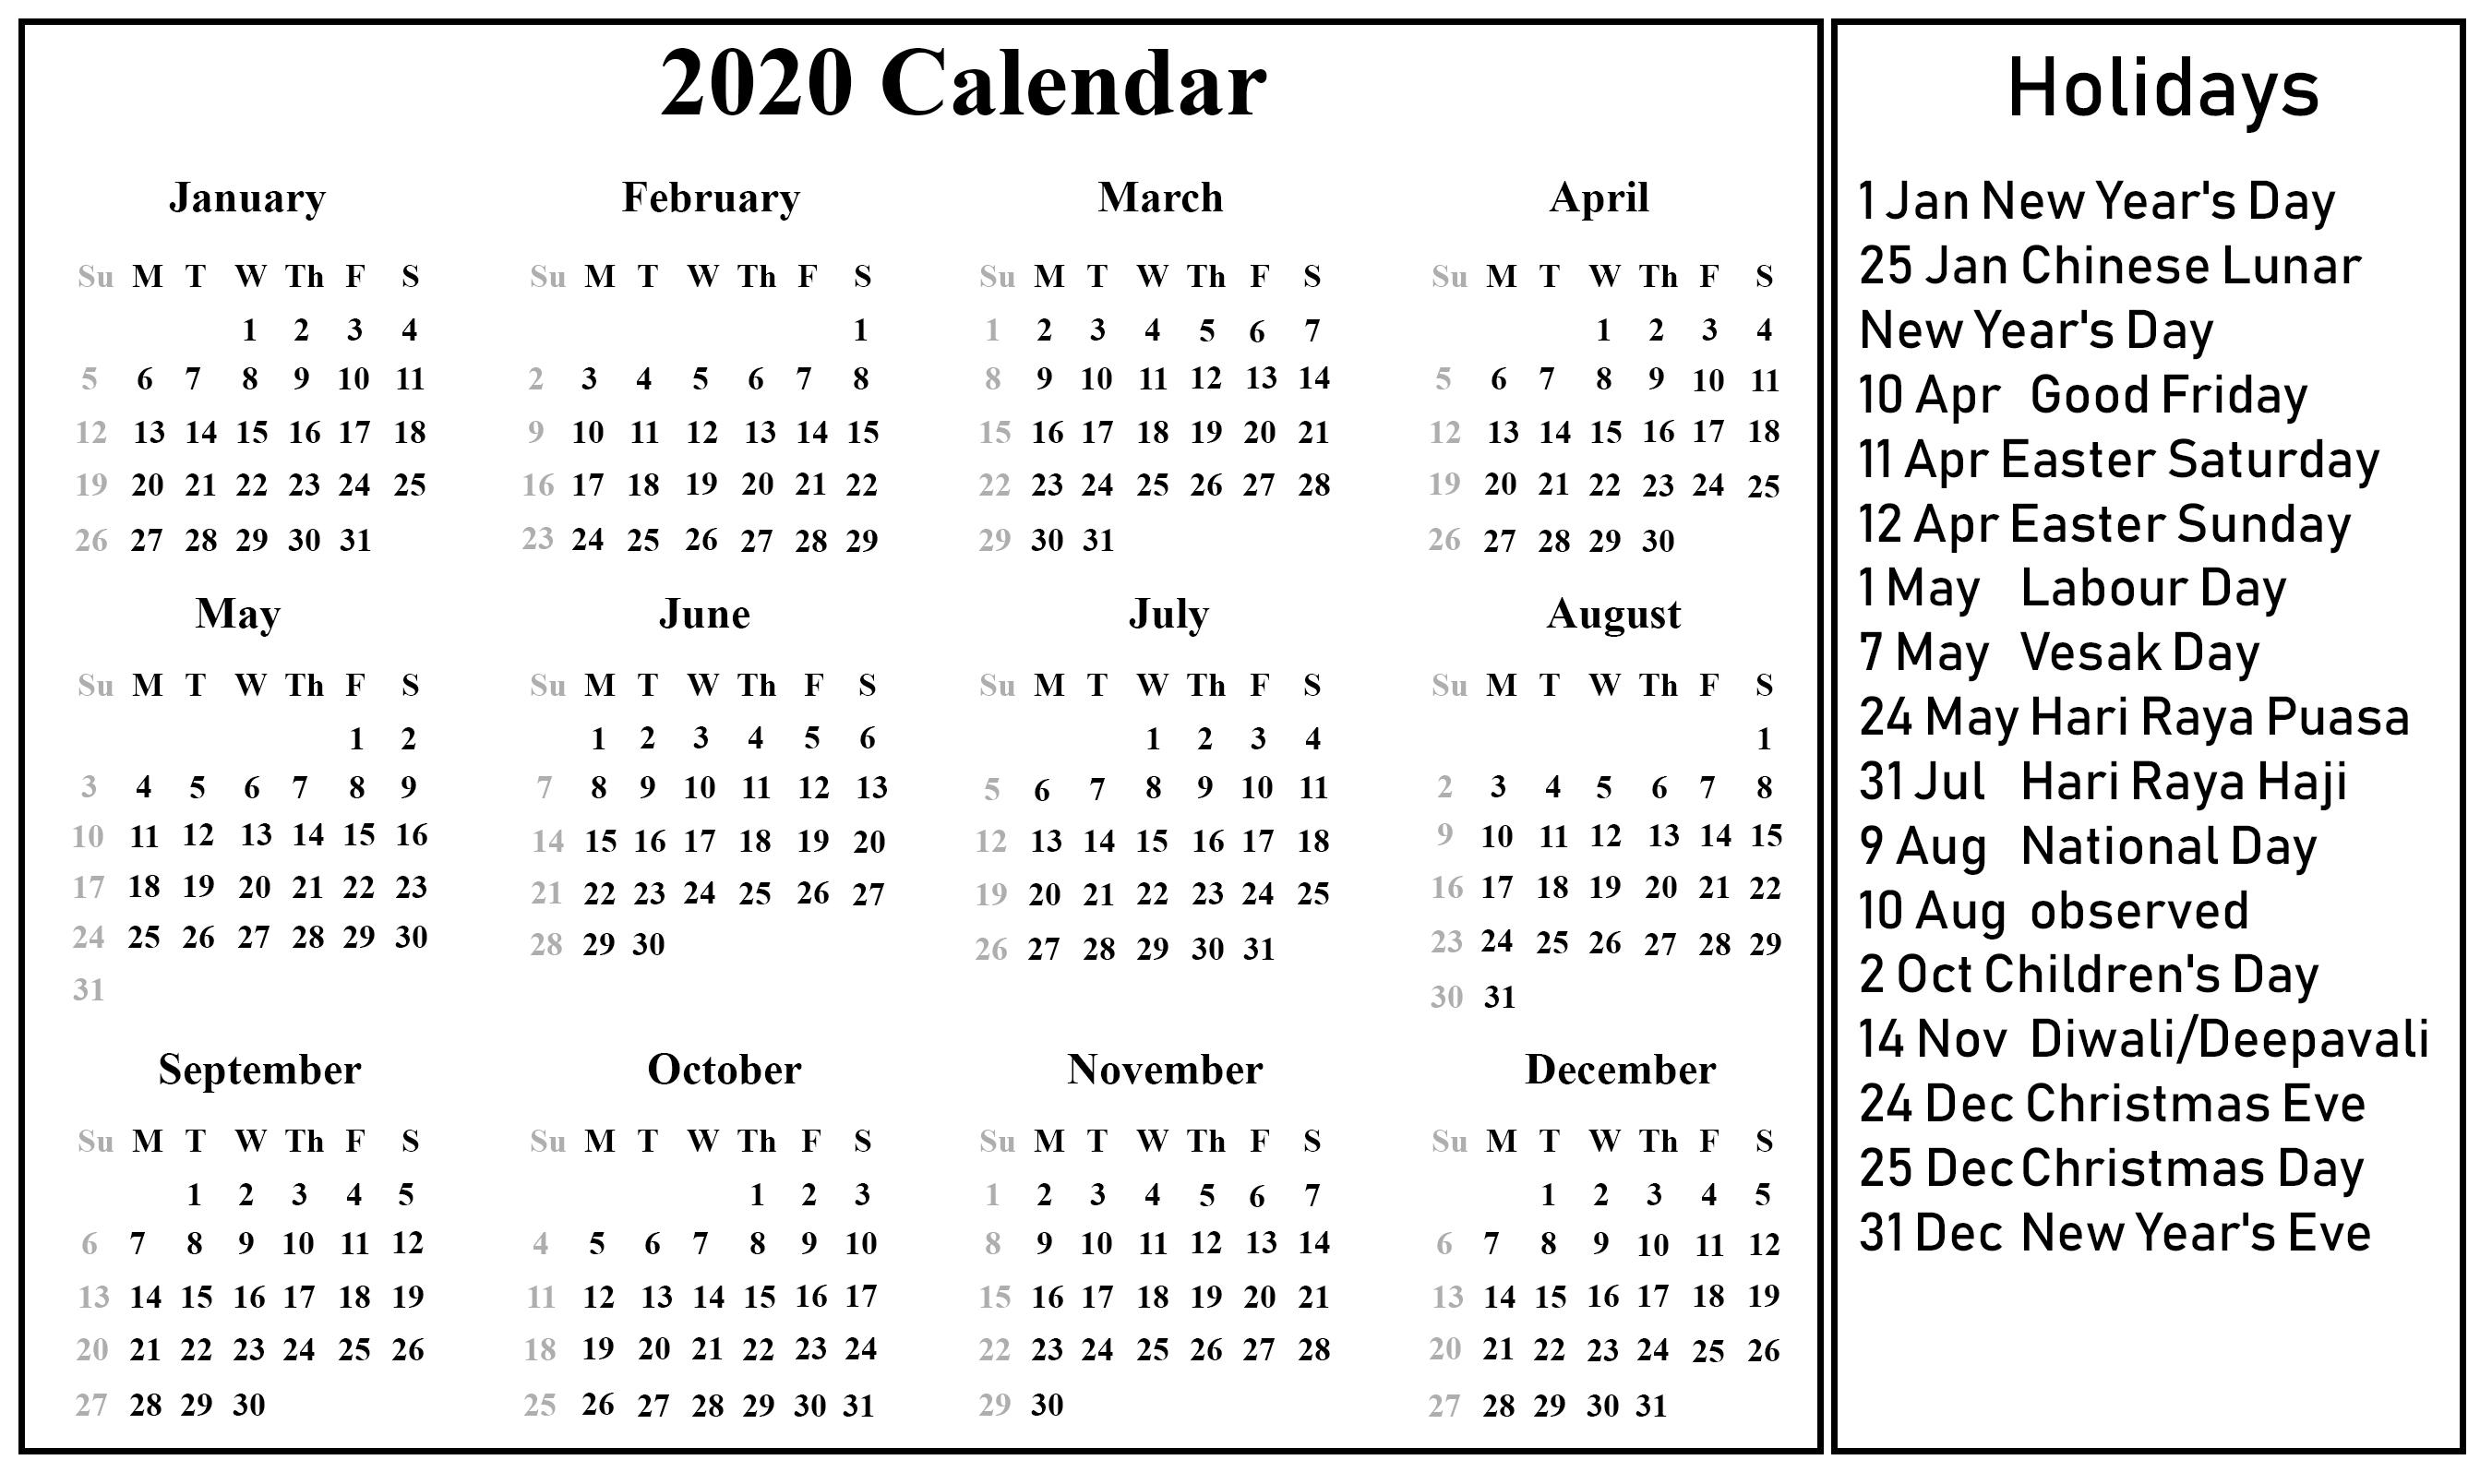 Singapore 2020 Printable Calendar | Printable Calendar-National Calendar Holidays 2020